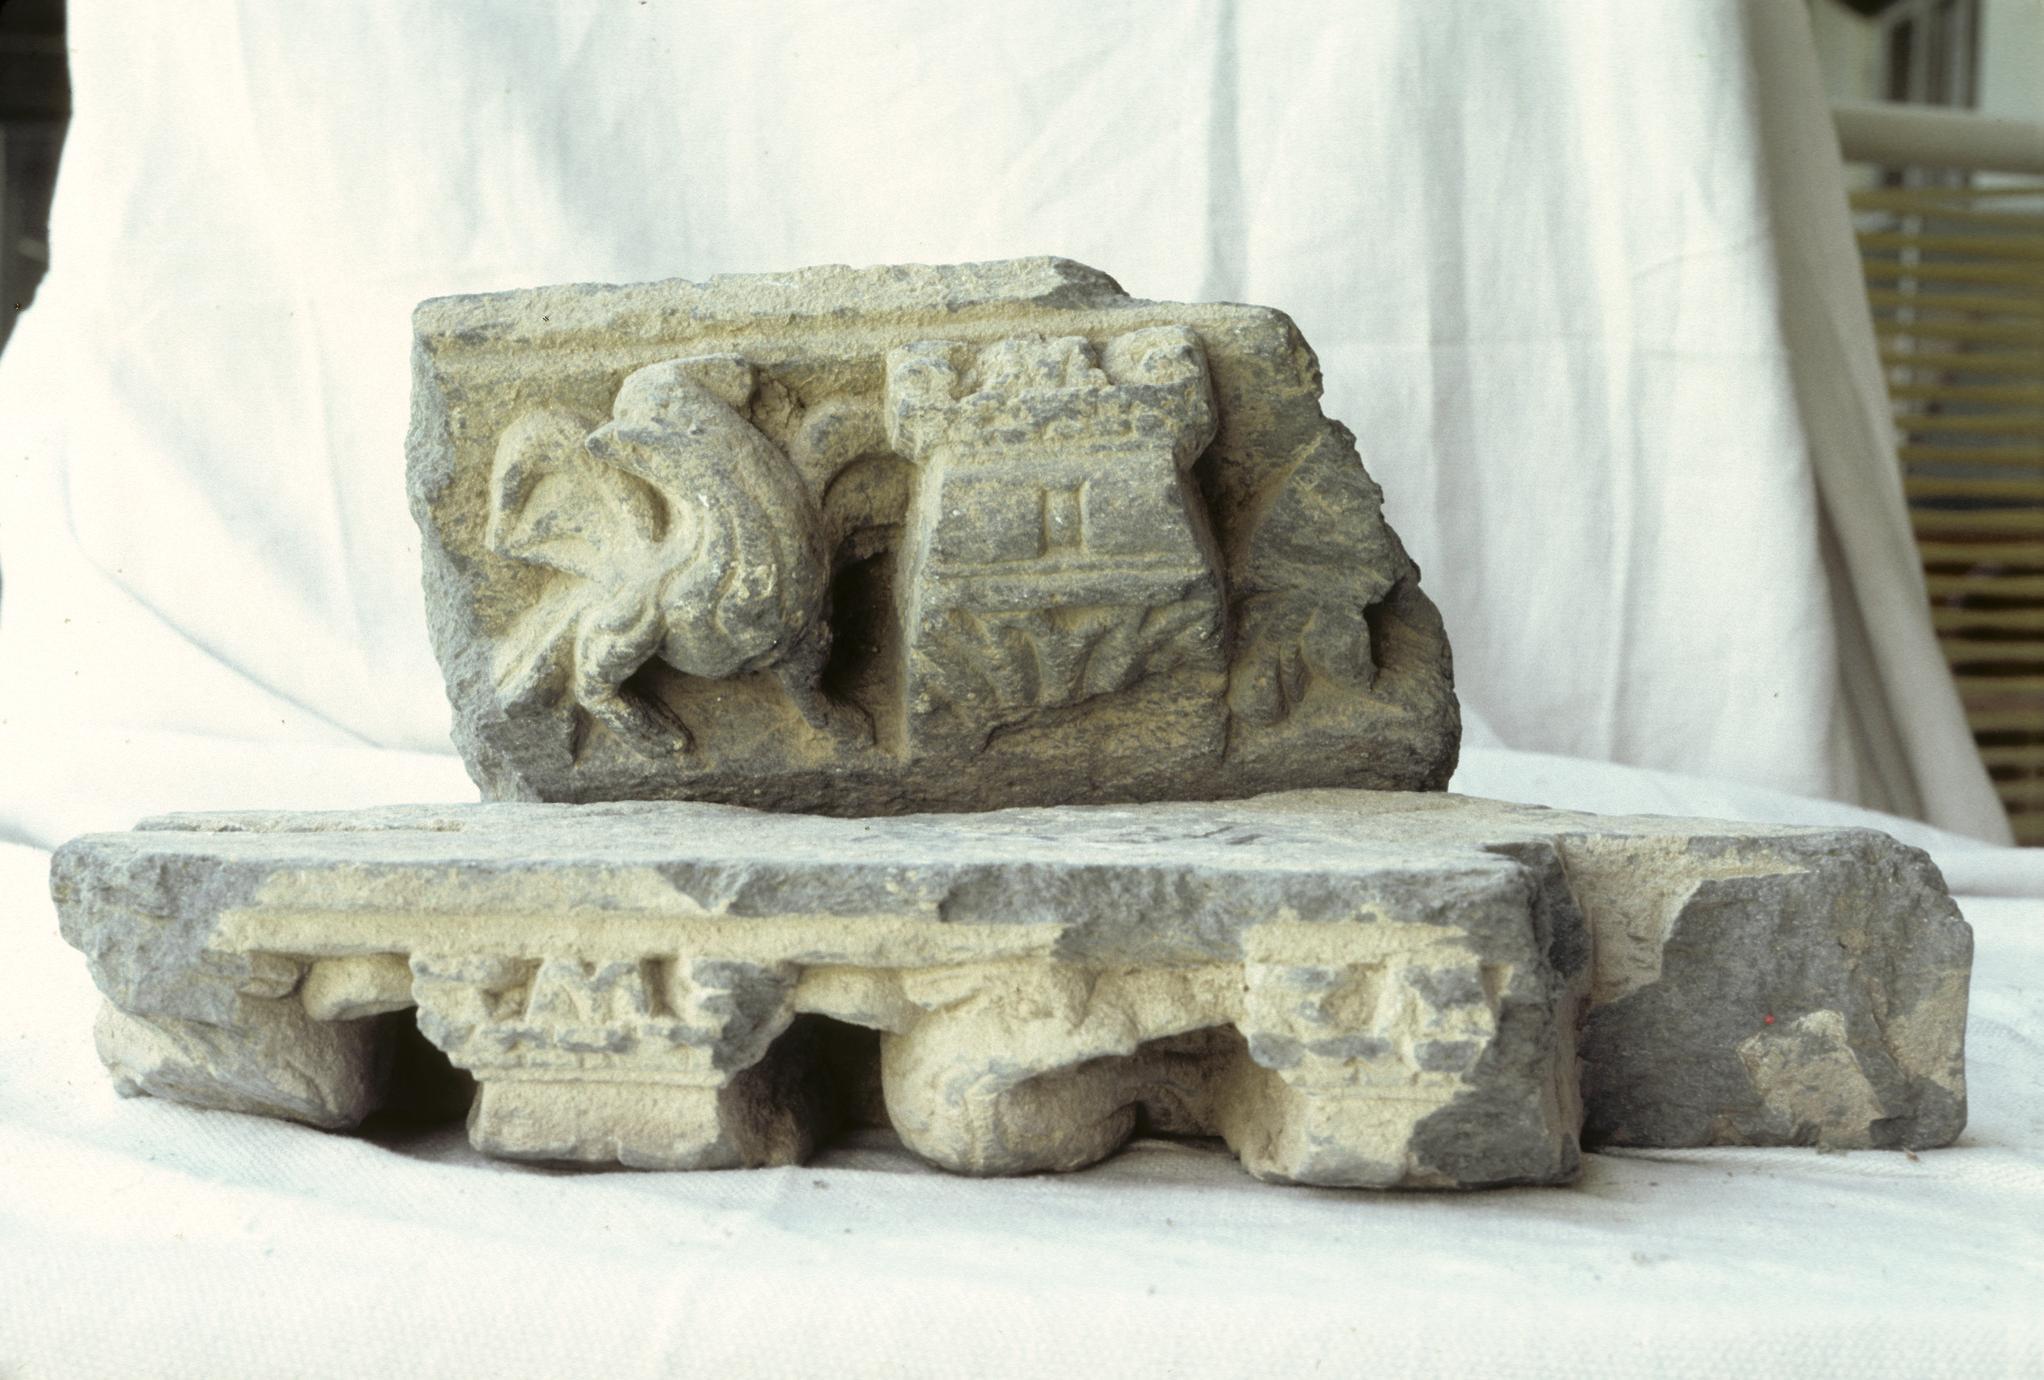 NG034, Cornice Fragment (1 of 3)